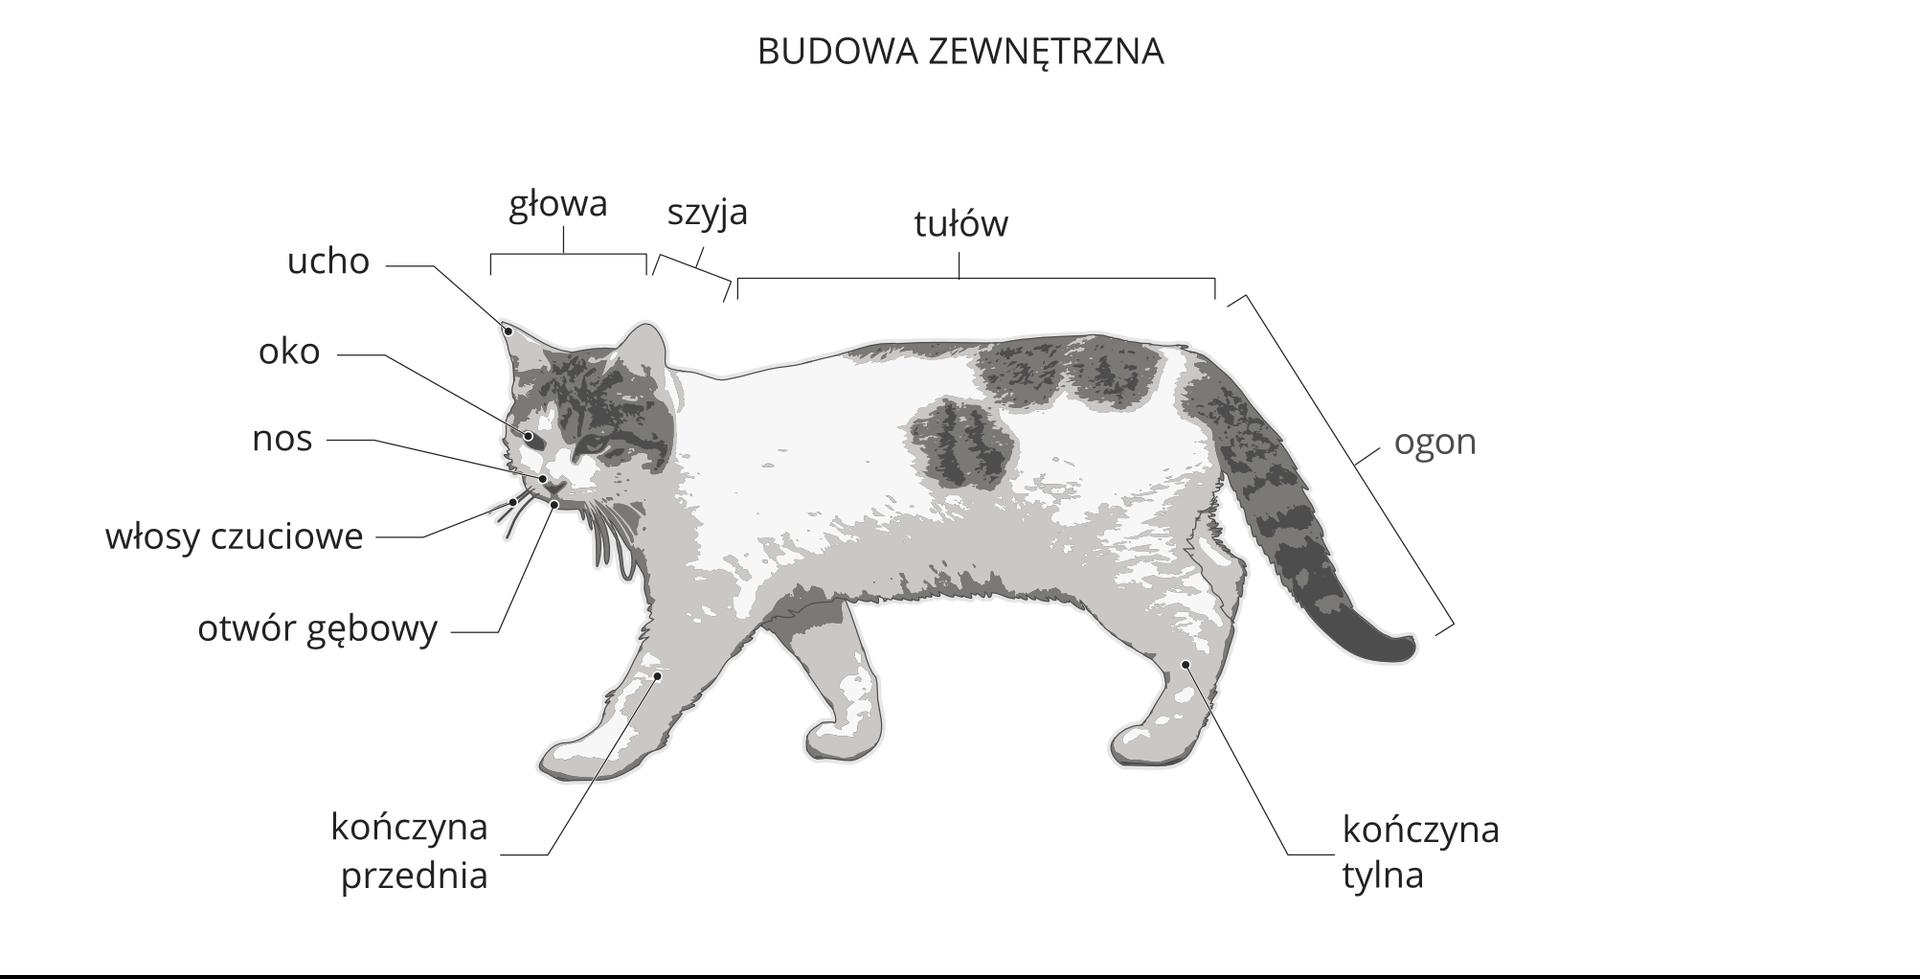 Galeria zawiera trzy ilustracje, przedstawiające budowę zewnętrzną iwewnętrzną kota. Ilustracja przedstawia sylwetkę białego kota wszare plamy. Głowa wlewo, zpodpisanymi narządami od góry: ucho, oko, nos, włosy czuciowe, otwór gębowy. Za głową ugóry podpisana odcinki: szyja, tułów iogon. Na dole podpisy: kończyna tylna, kończyna przednia.